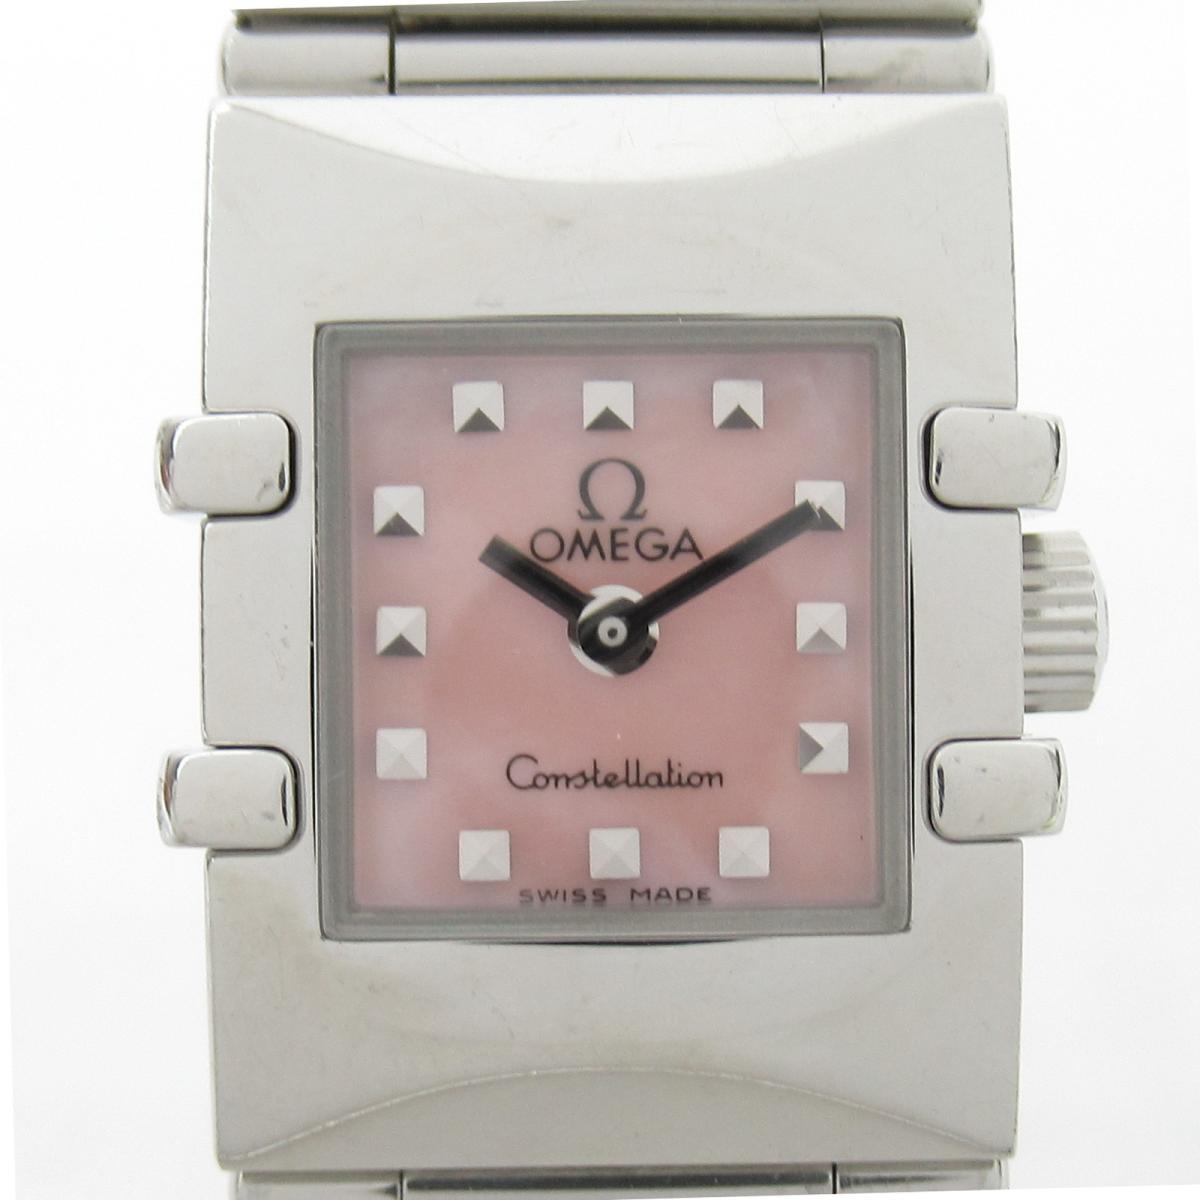 ≪期間限定≫メルマガ登録でクーポンGET! 【中古】 オメガ コンステレーション カレ ウォッチ 腕時計 レディース ステンレススチール (SS) (1531.73)   OMEGA BRANDOFF ブランドオフ ブランド ブランド時計 ブランド腕時計 時計